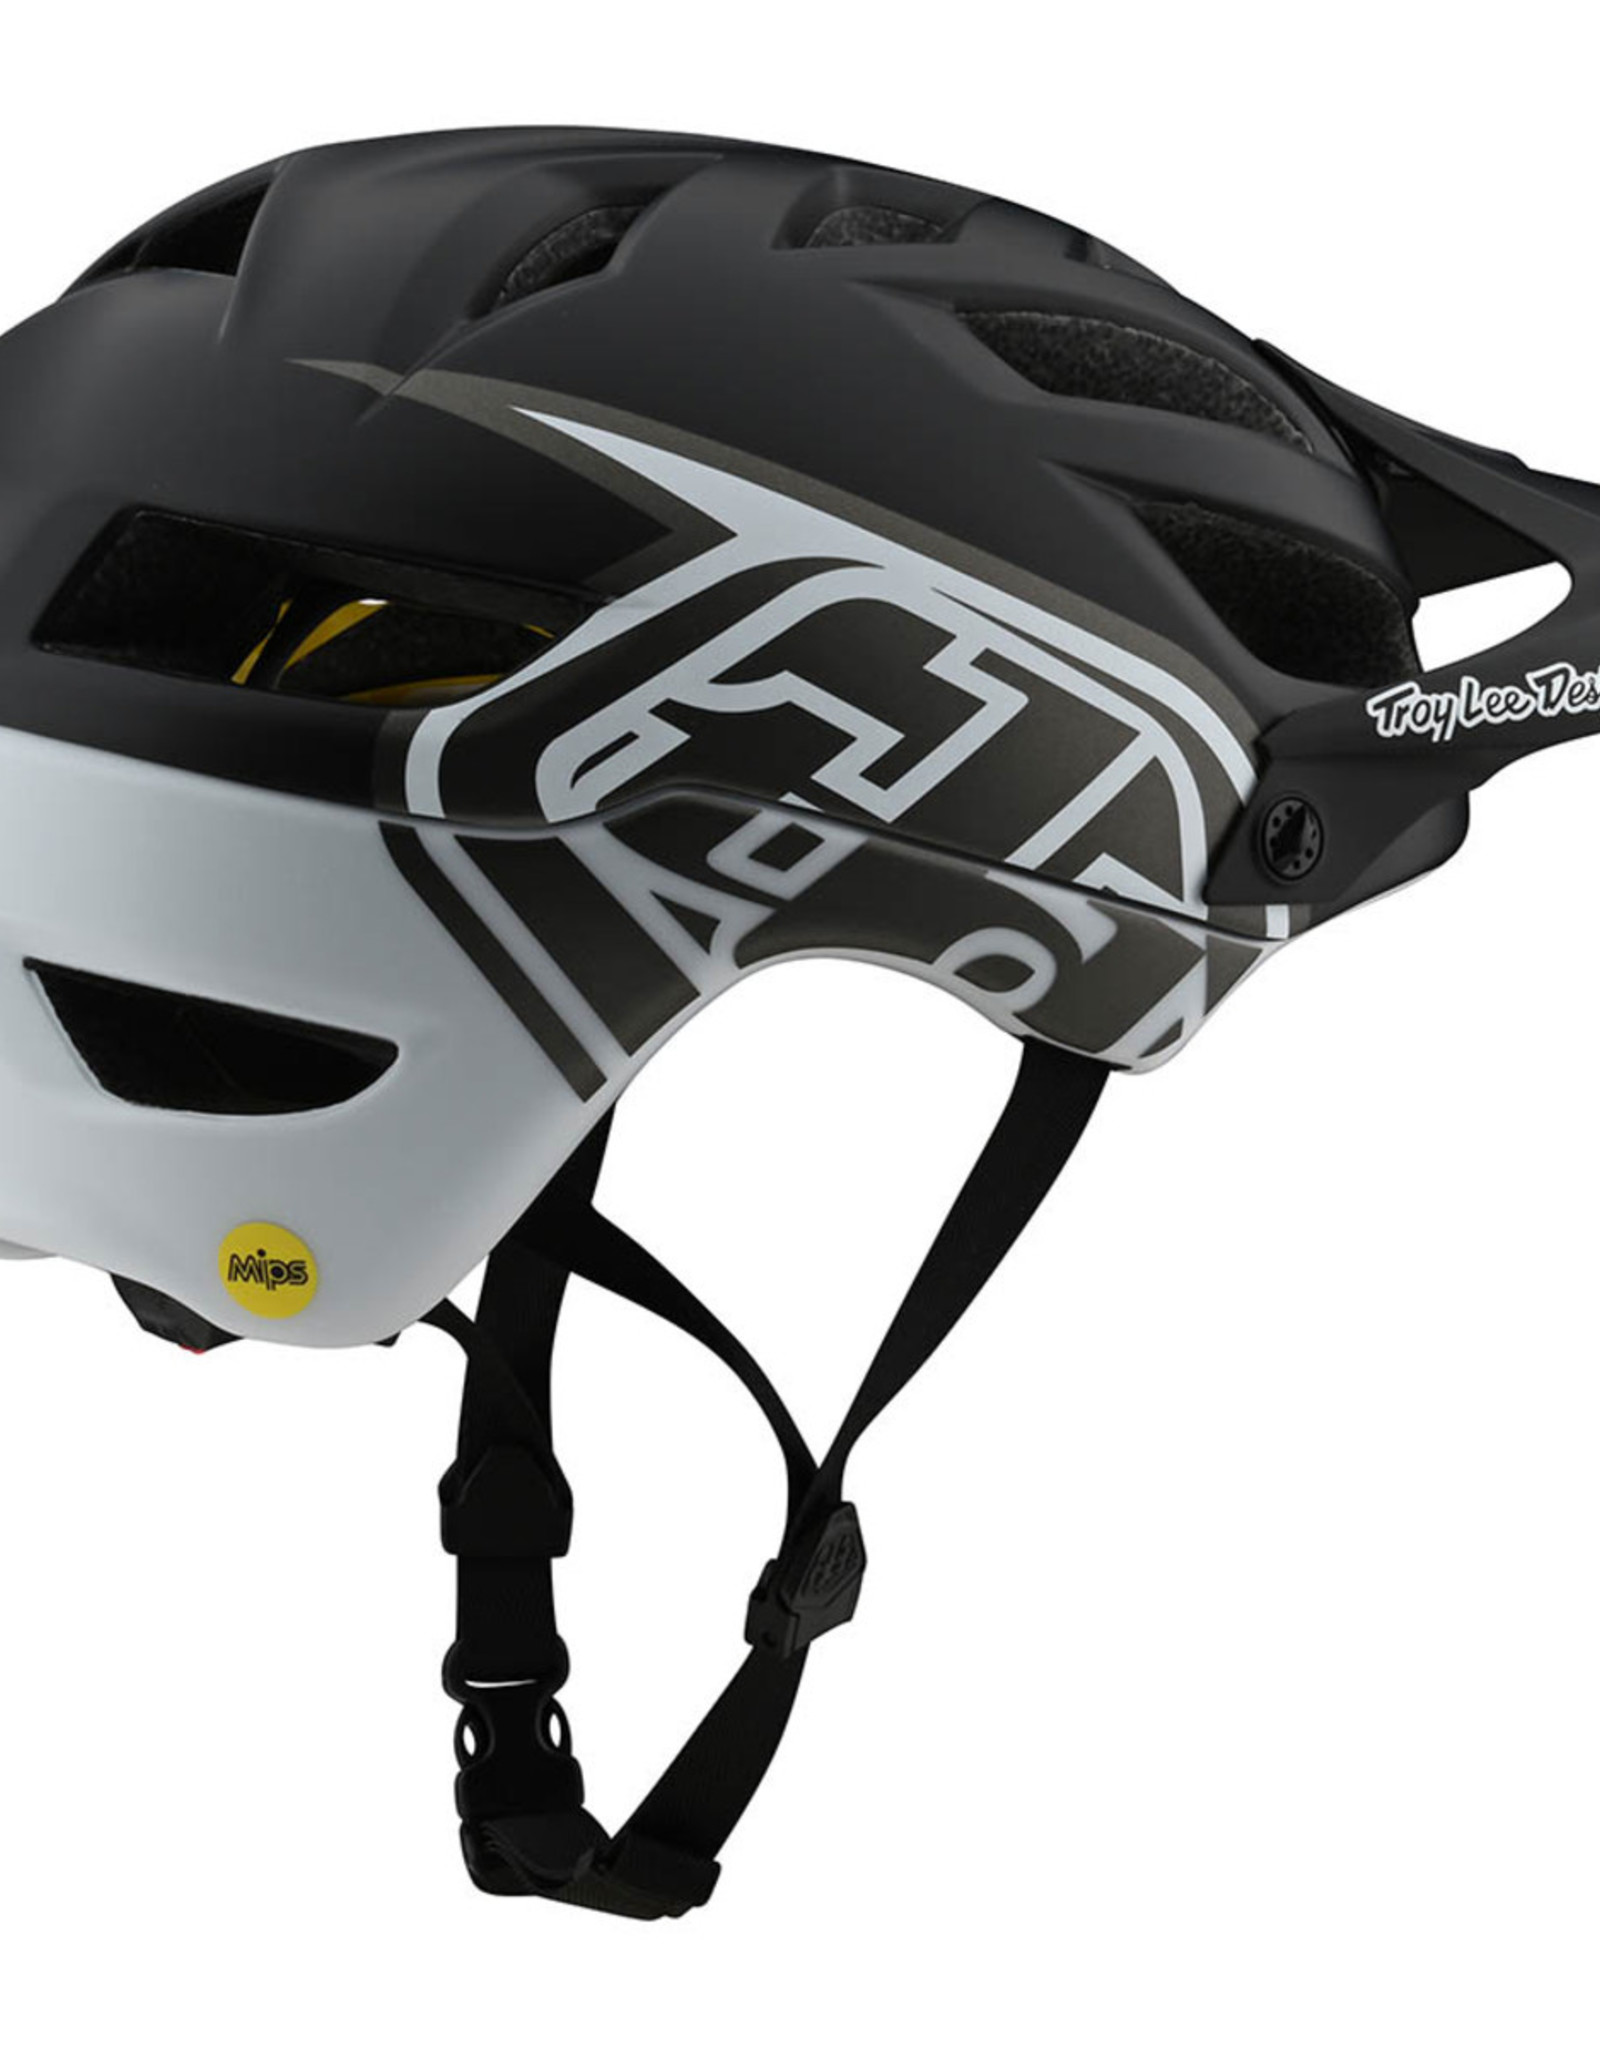 Troy Lee Designs A1 Classic MIPS Helmet